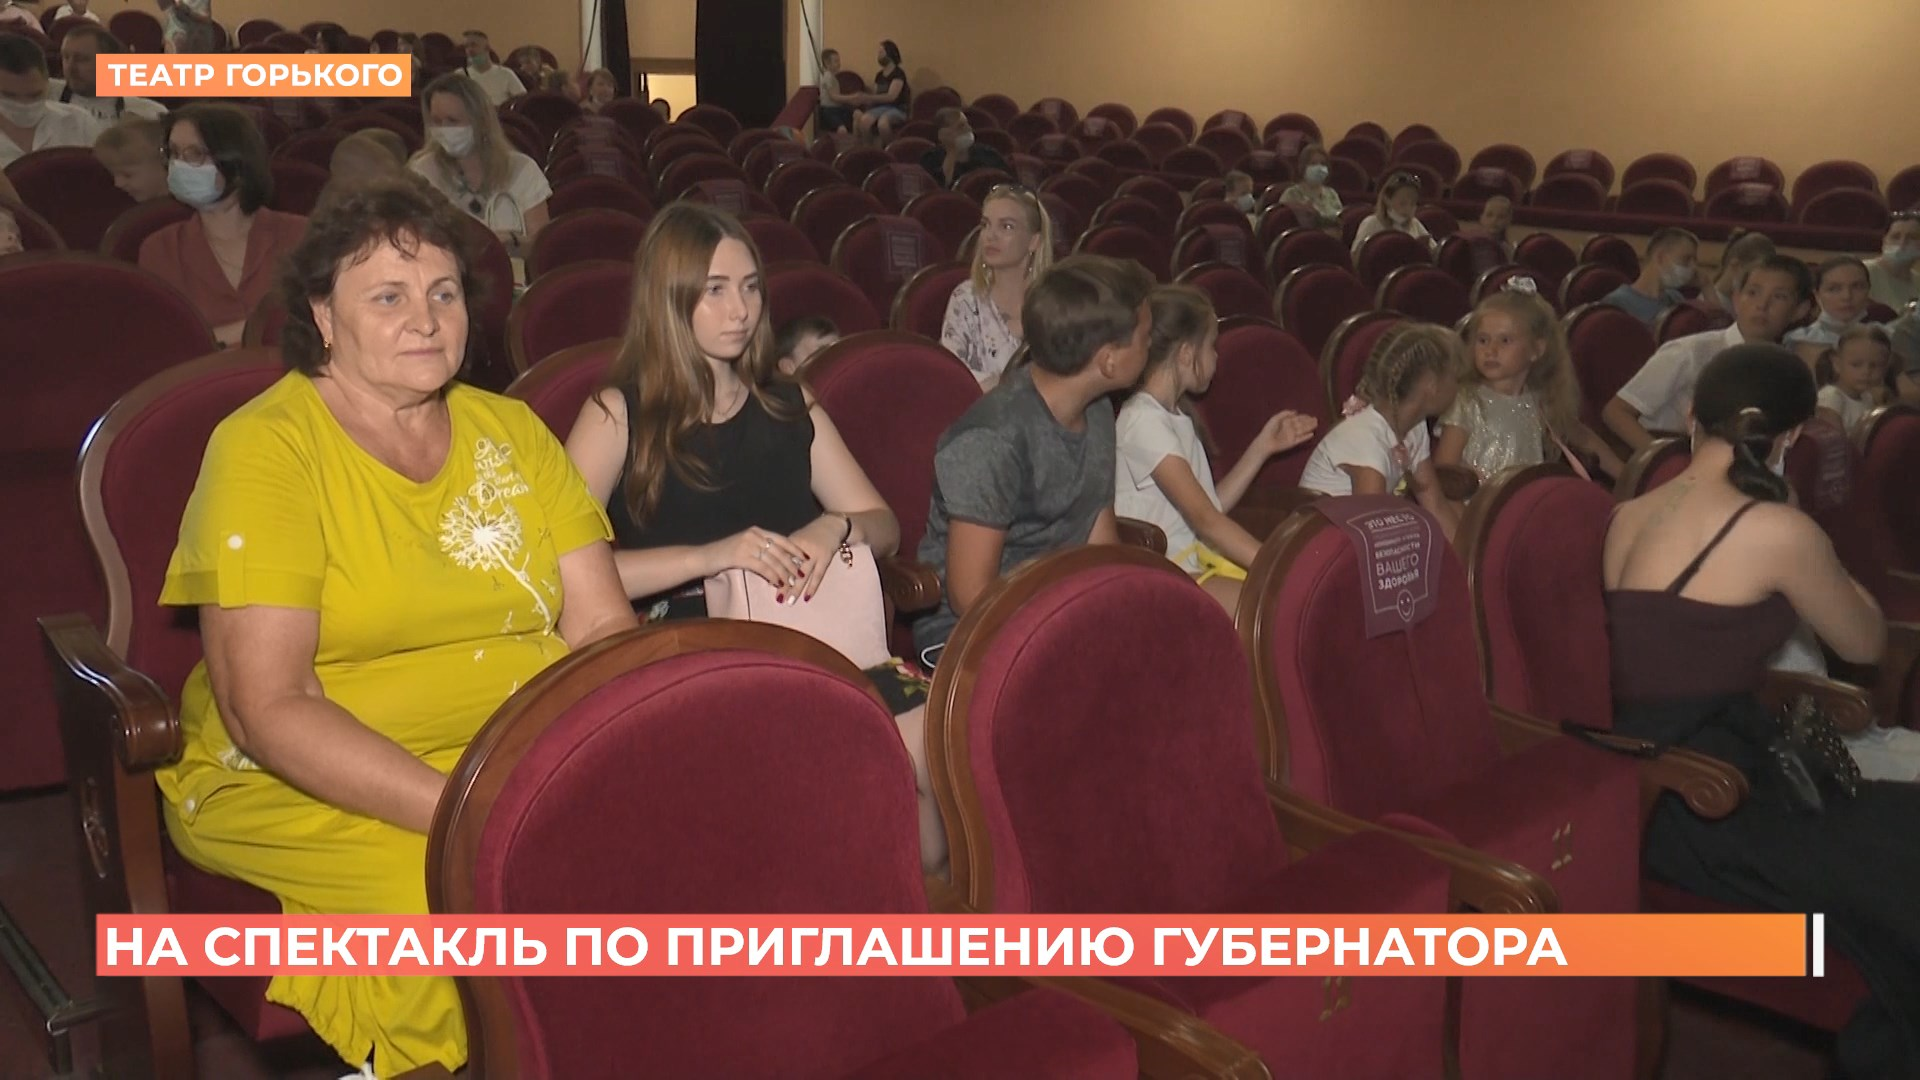 Ко Дню семьи, любви и верности донские семьи получили приглашение в театр